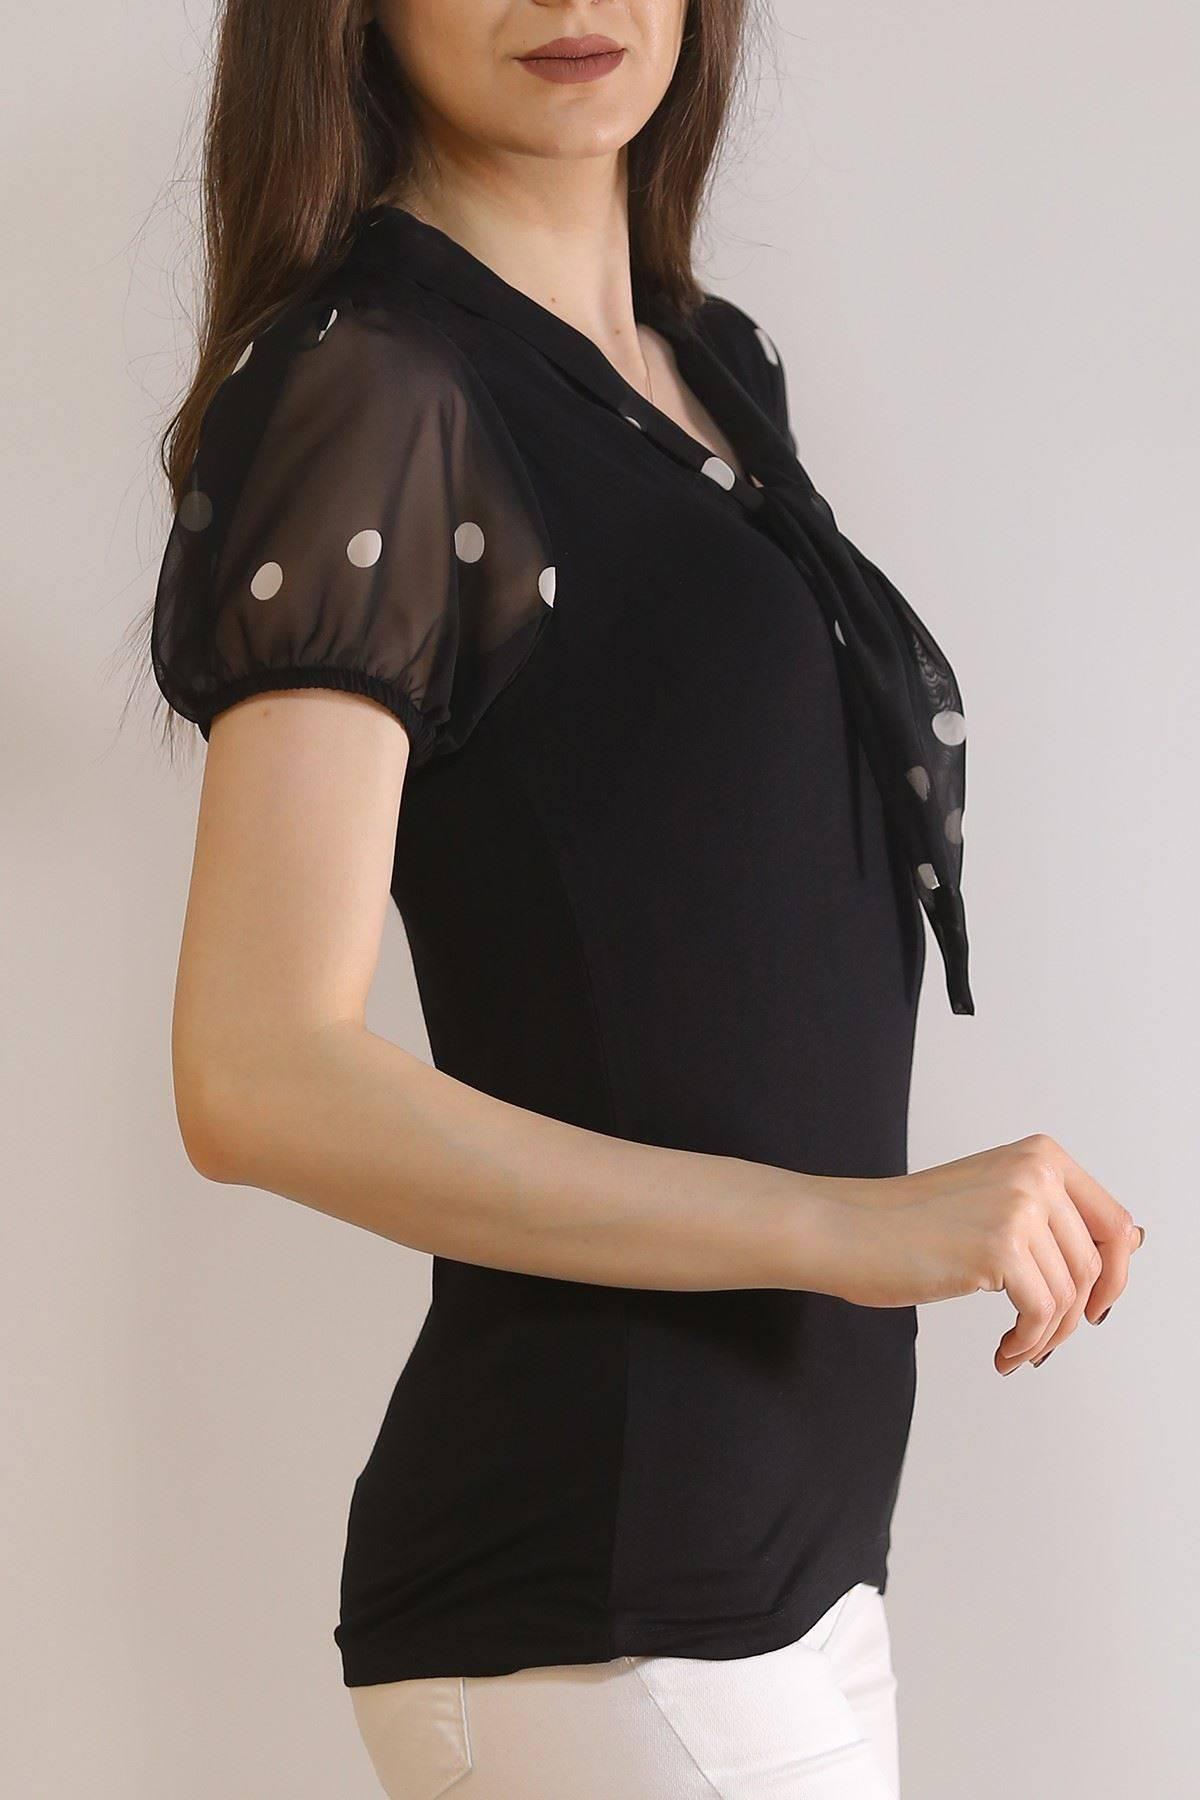 Yaka Bağlamalı Bluz Siyah - 5981.107.